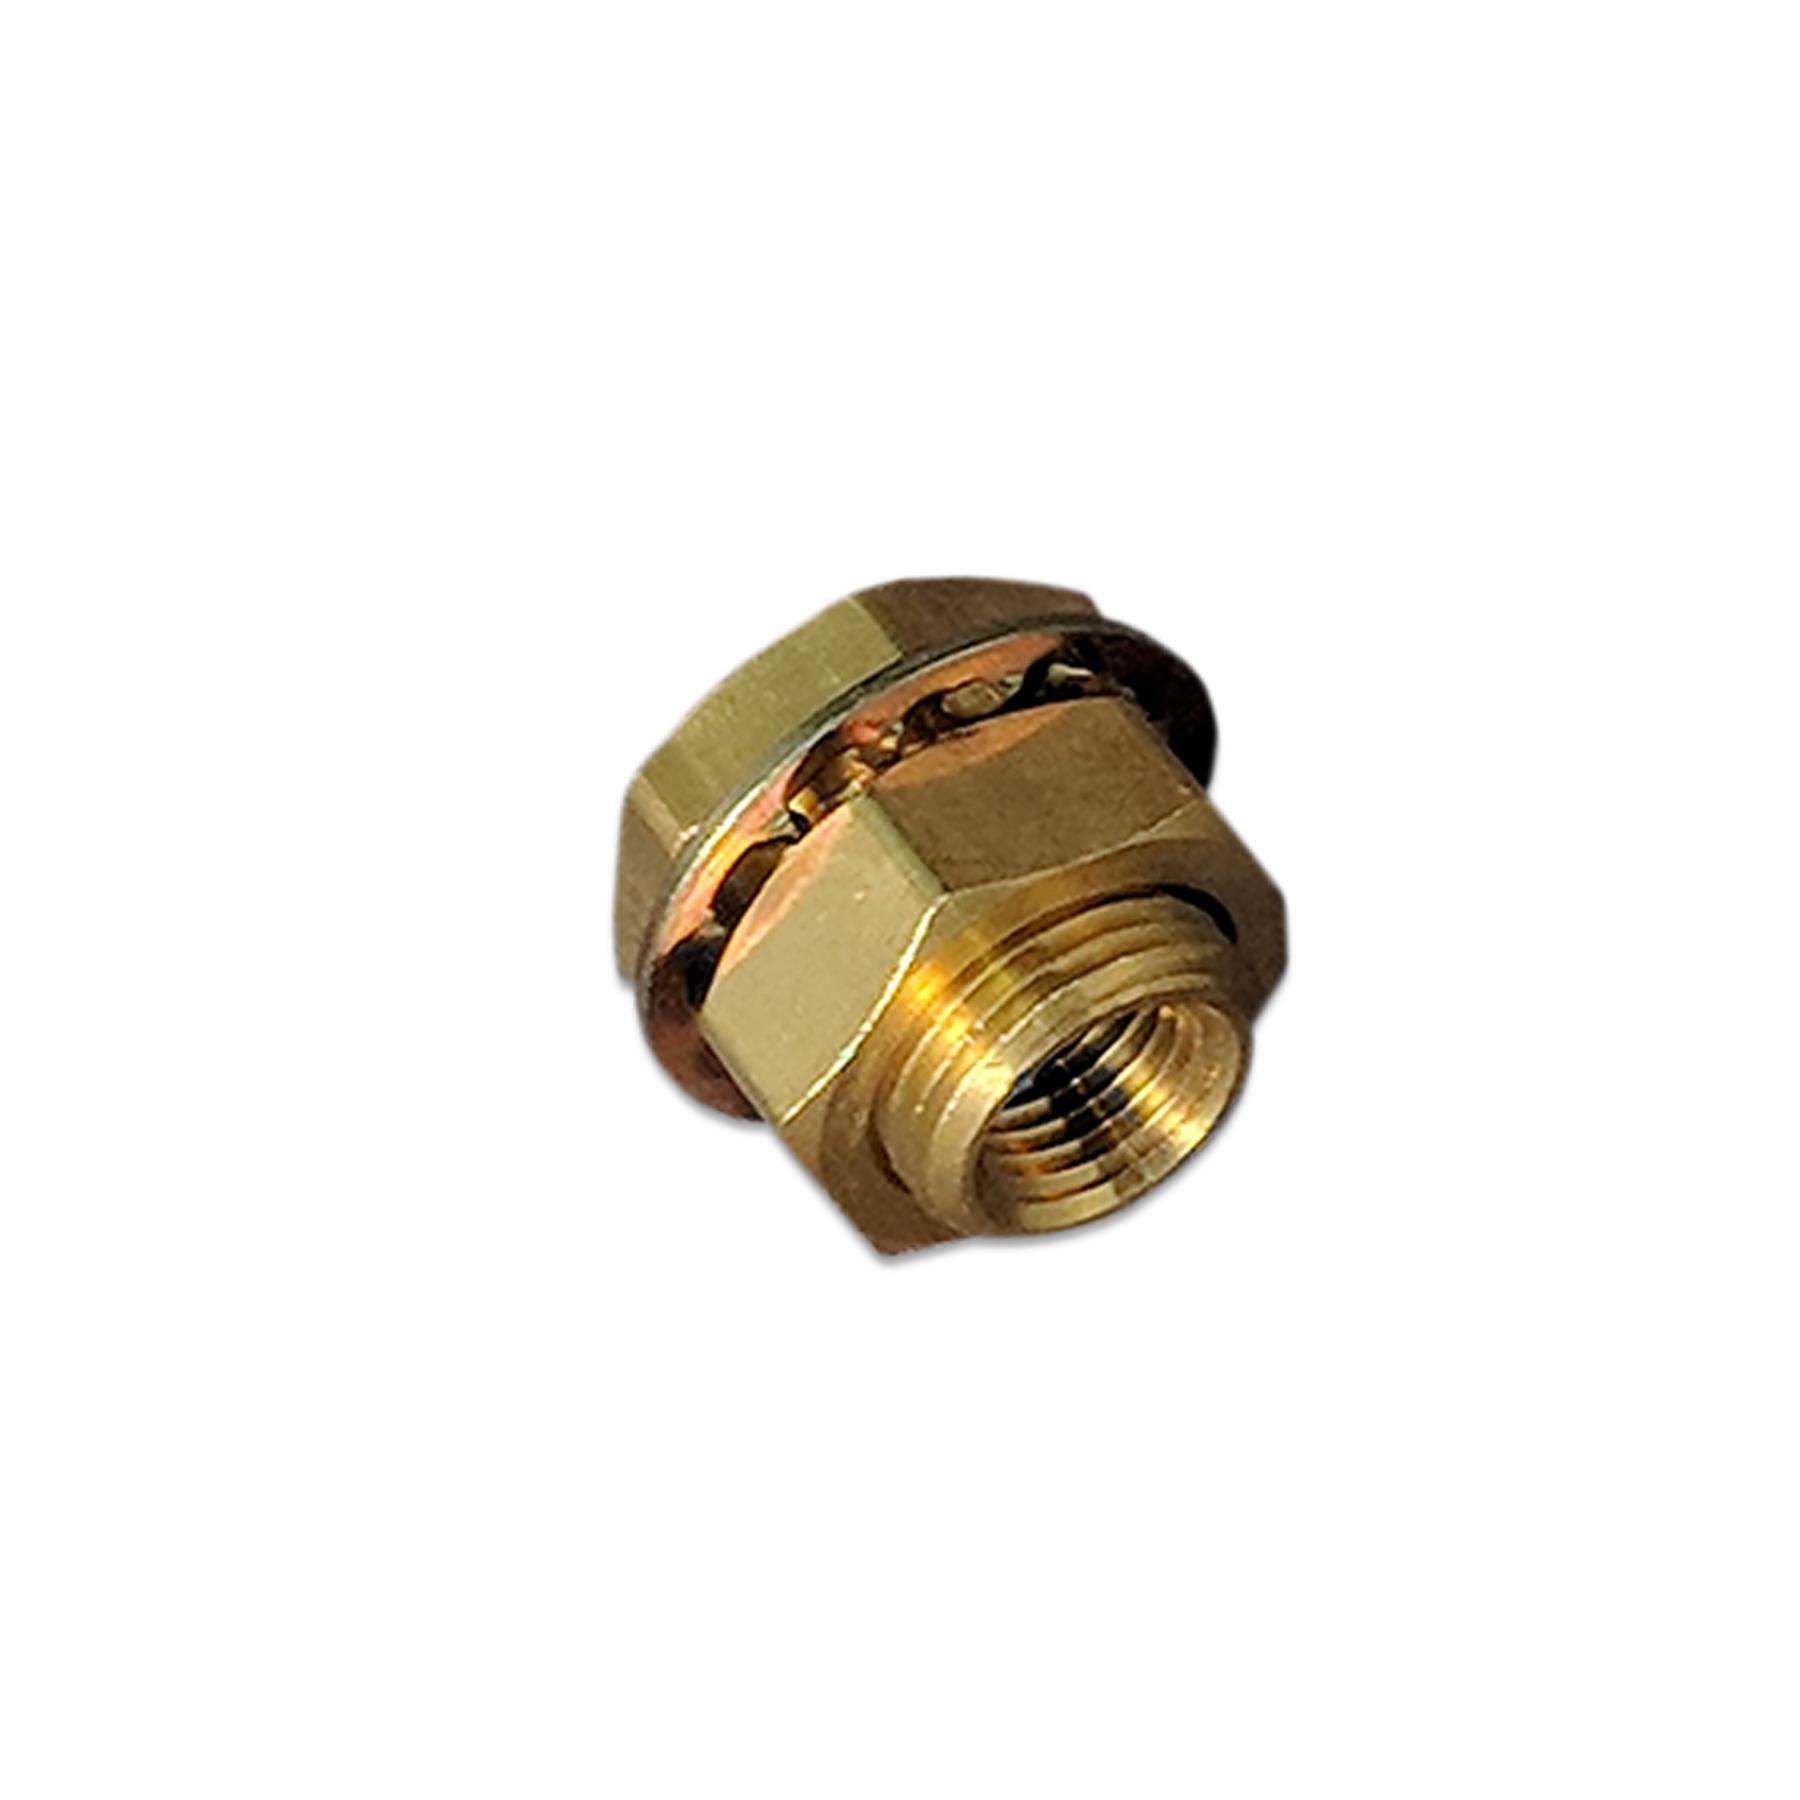 Brass Bulkhead Fitting, 1/4 x 1/4 in. (F) NPT